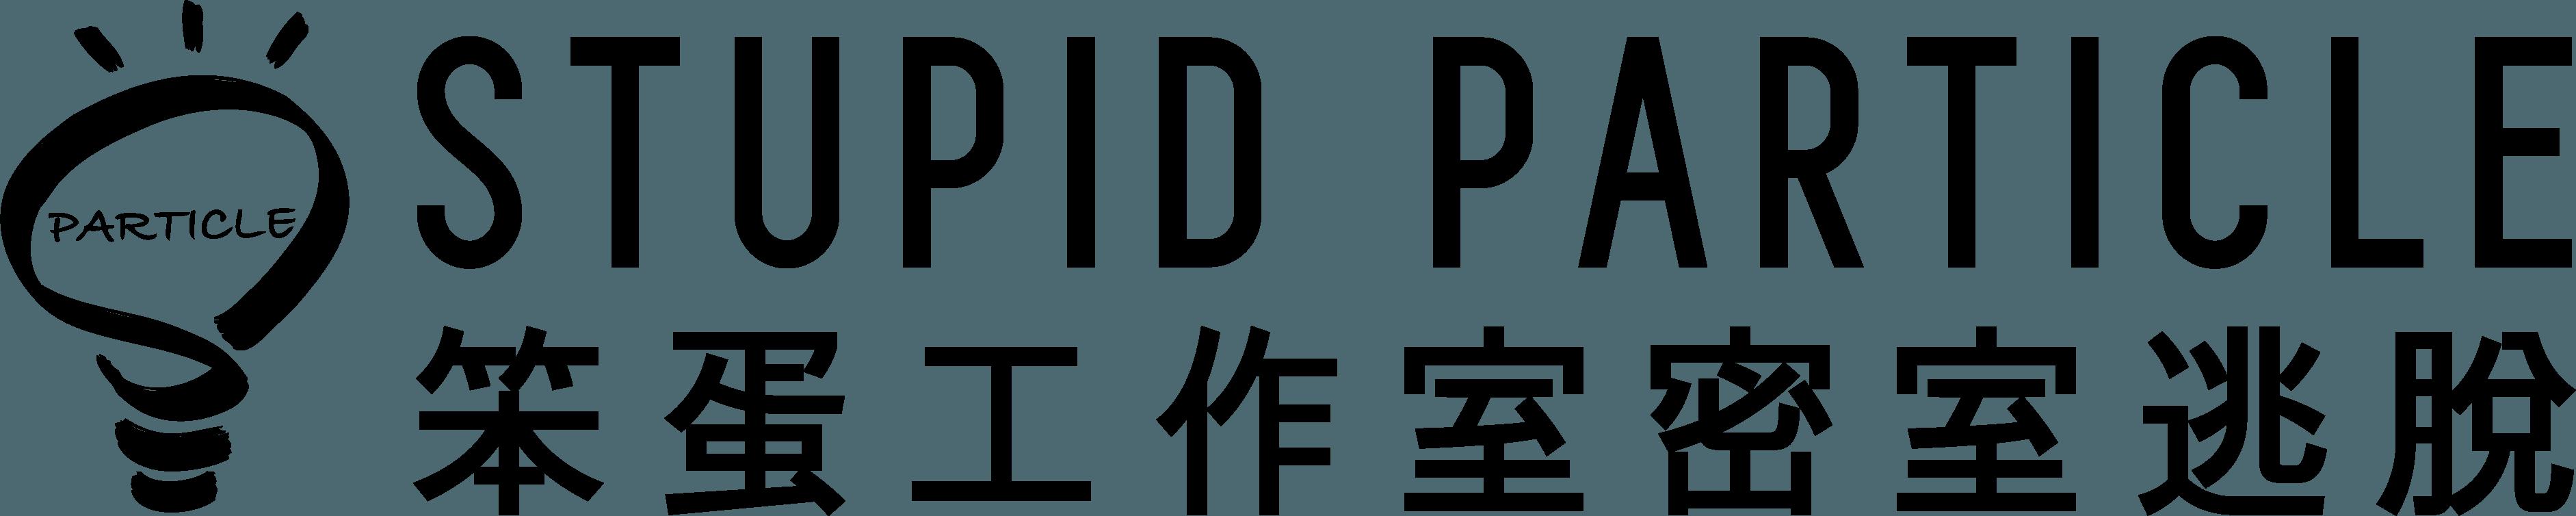 logo-笨蛋工作室台北館